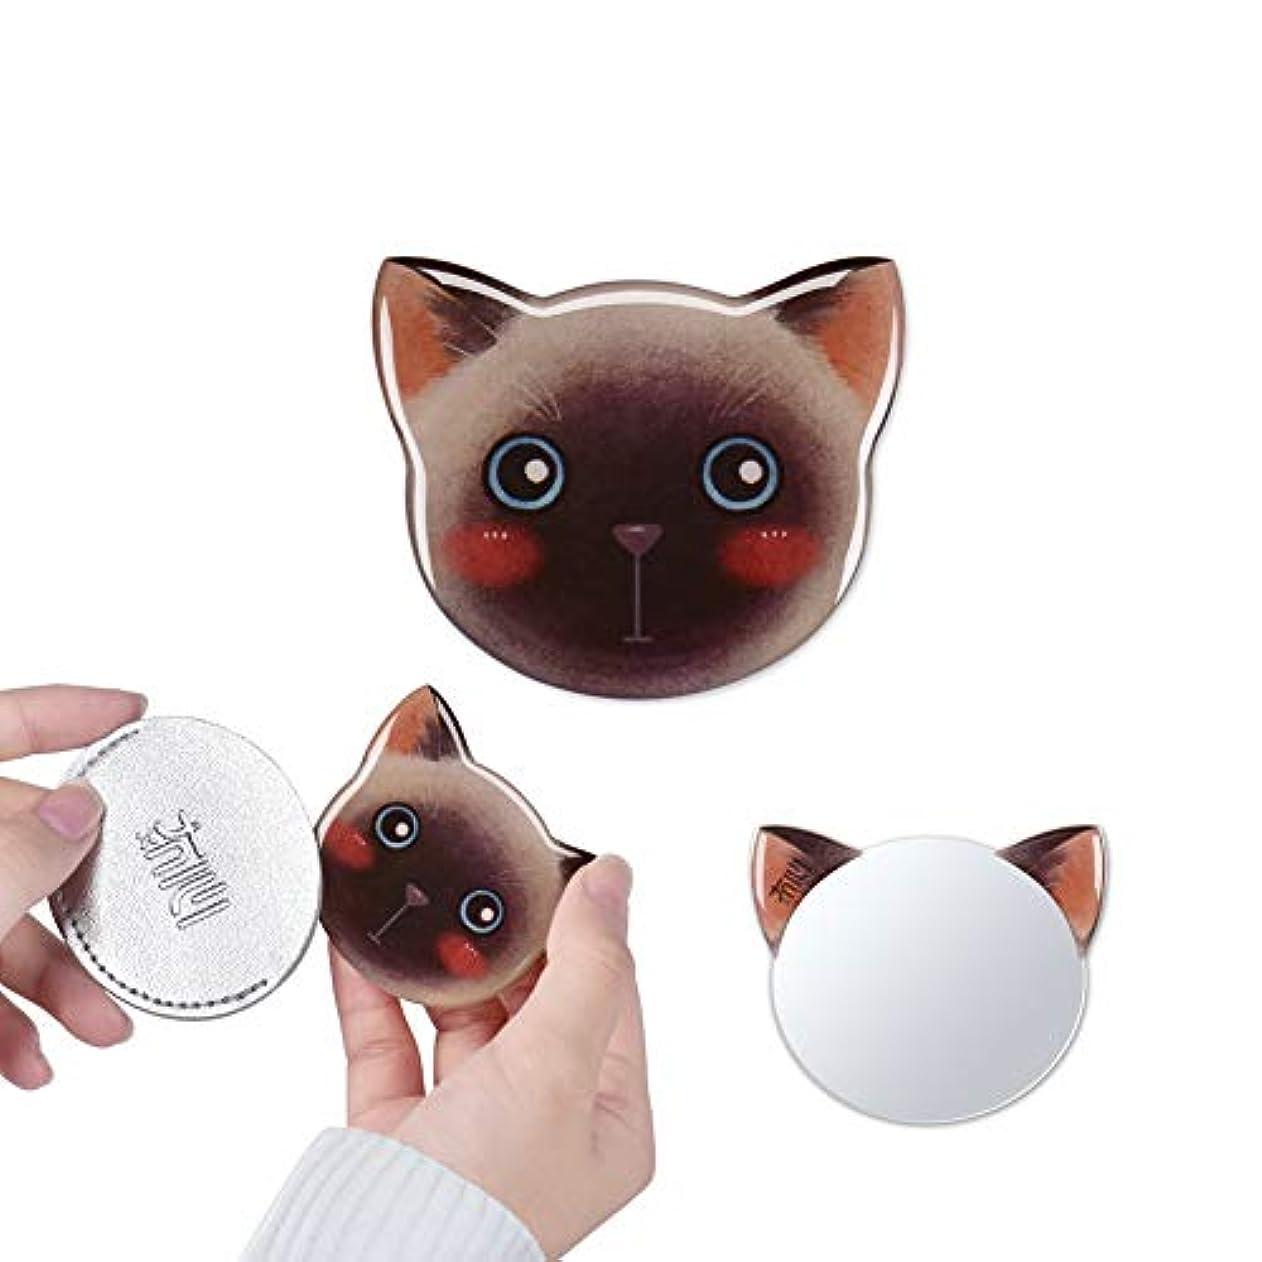 溶融高く関連する携帯ミラー 手鏡 コンパクト 猫柄 8パタン 収納袋付き 割れない 鏡 おしゃれ コンパクトミラー ハンドミラー かわいい (アルテミス)